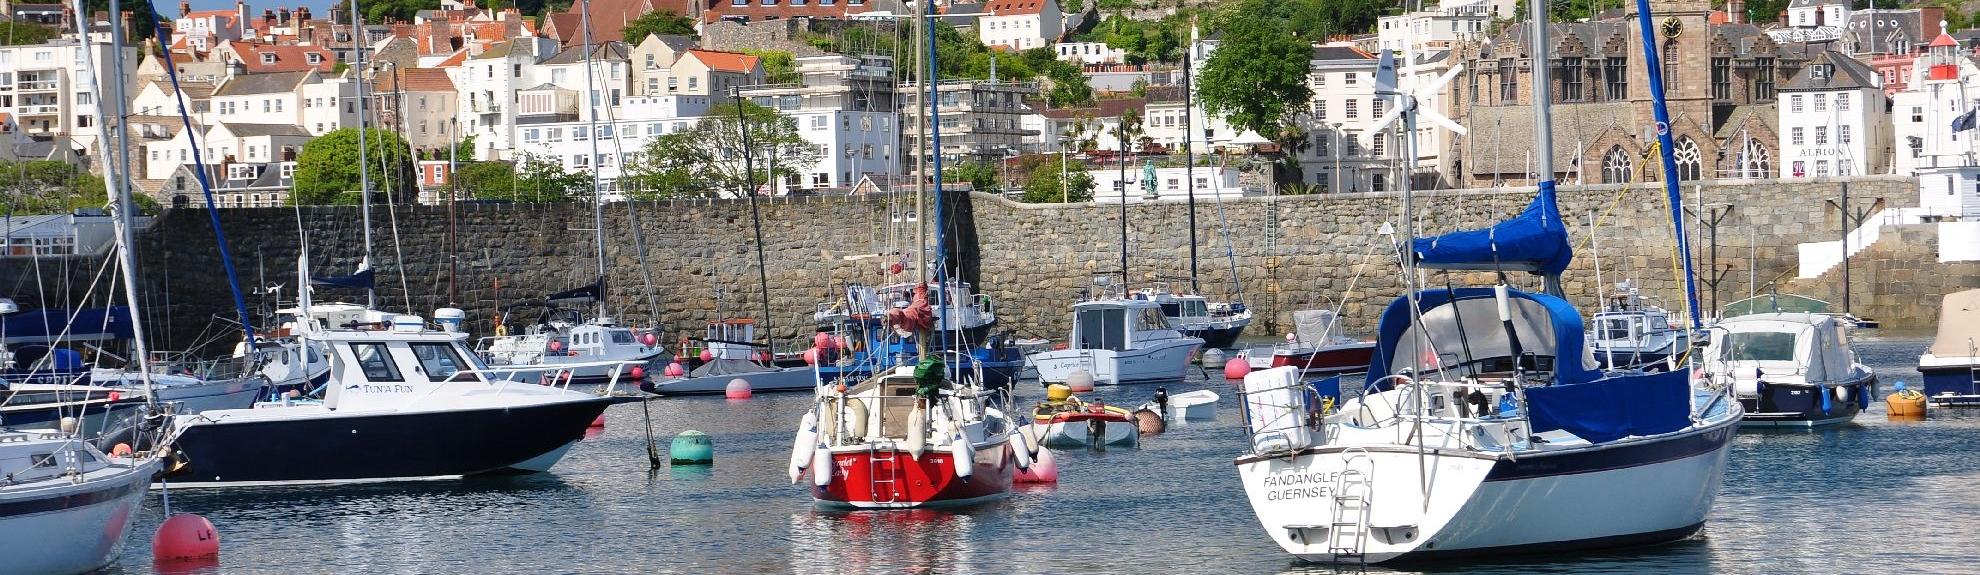 Reisen Sie mit uns zu den Kanalinseln.